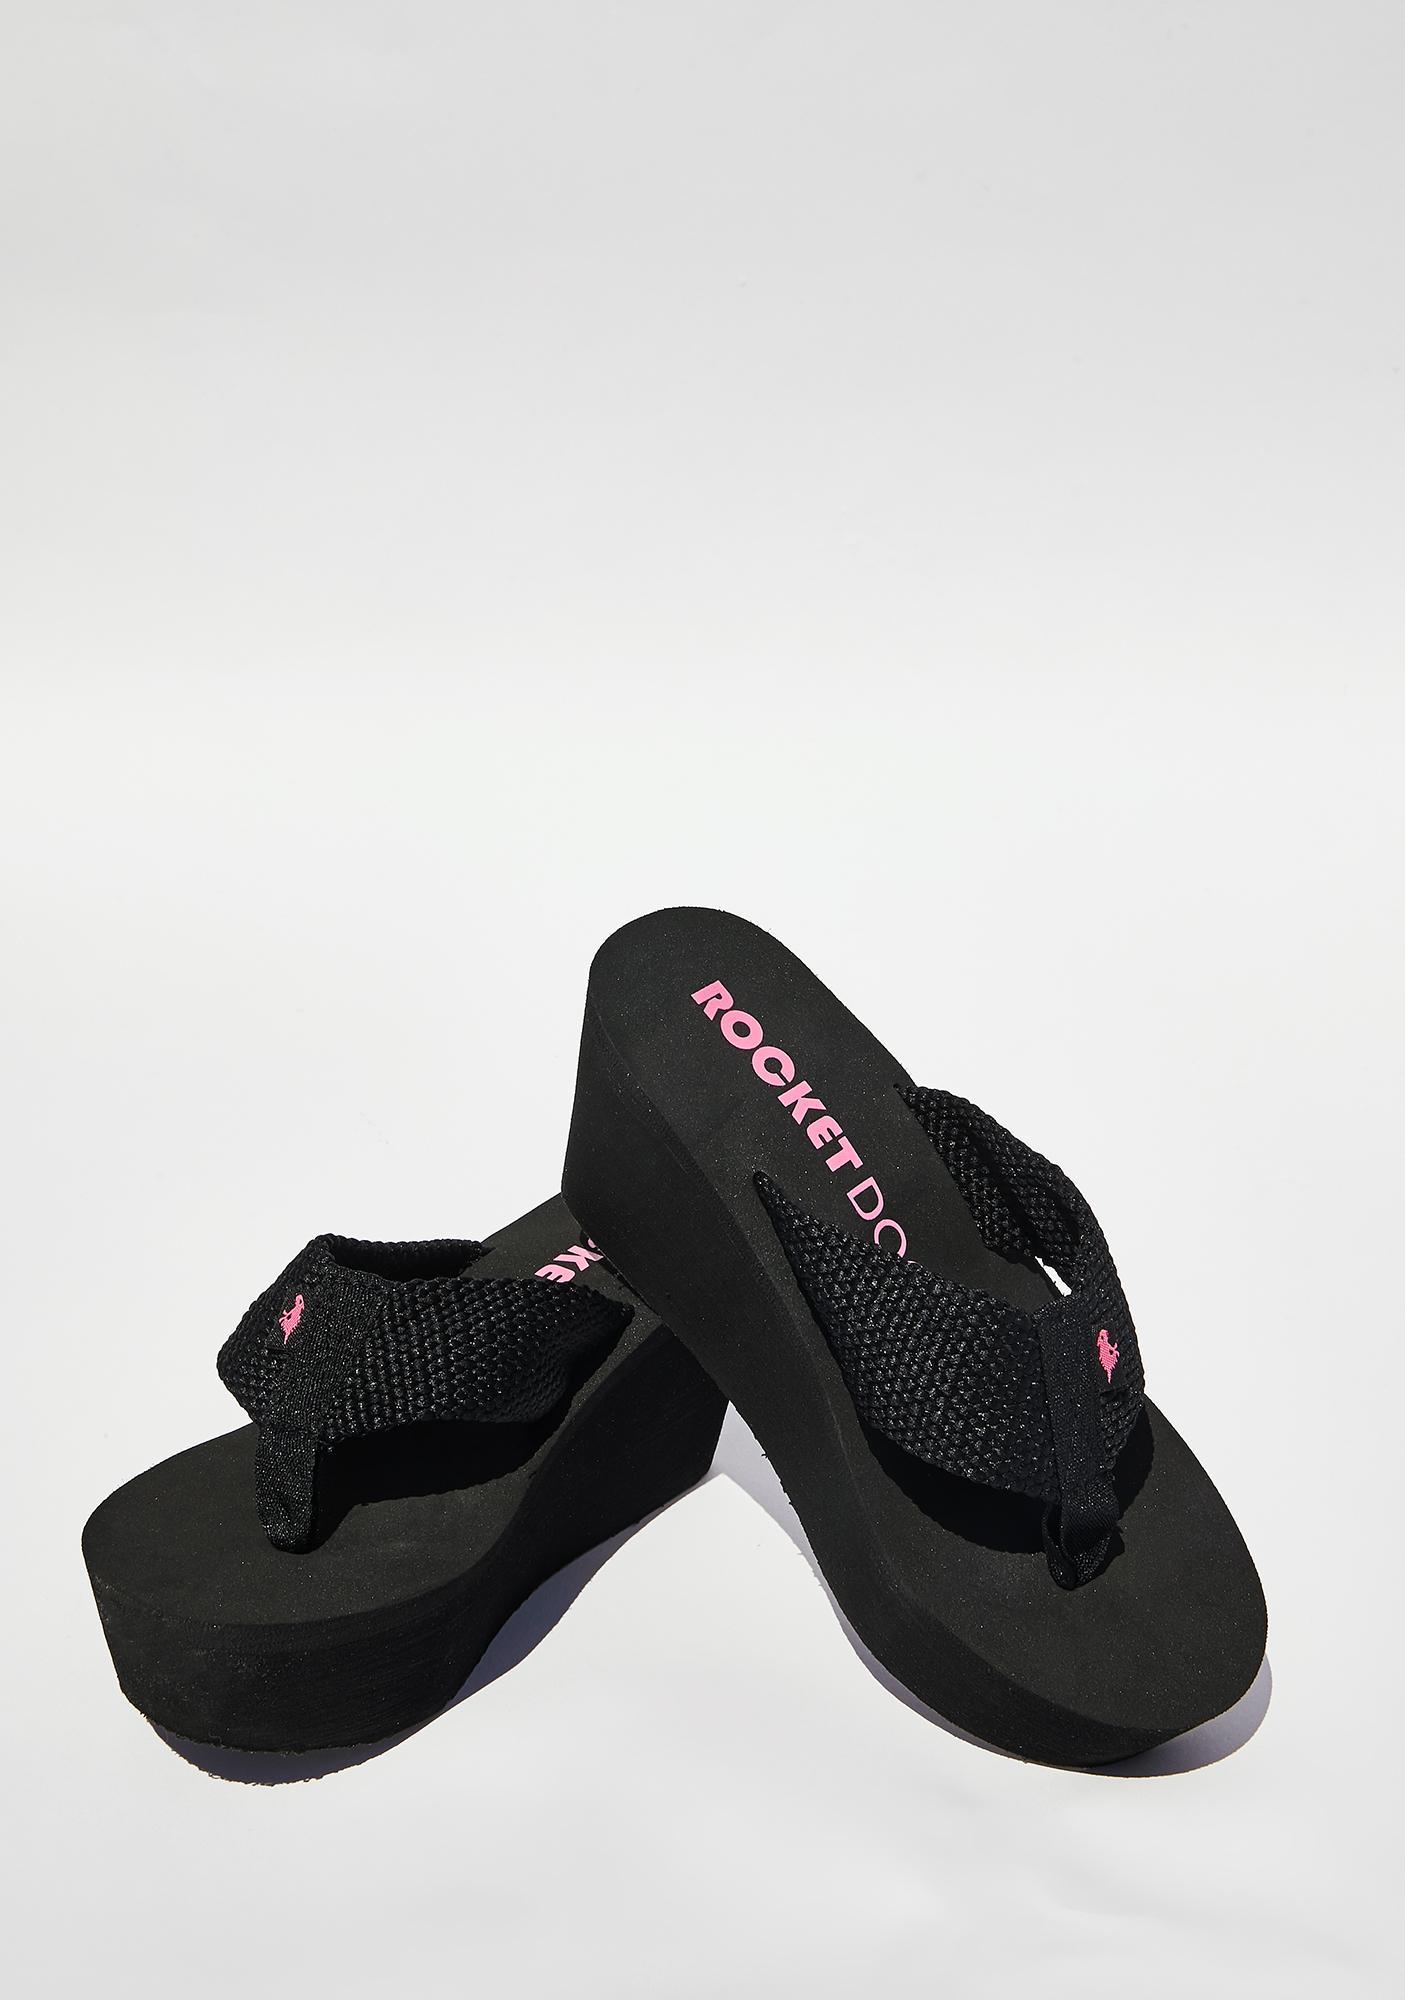 Rocket Dog Diver Platform Sandals